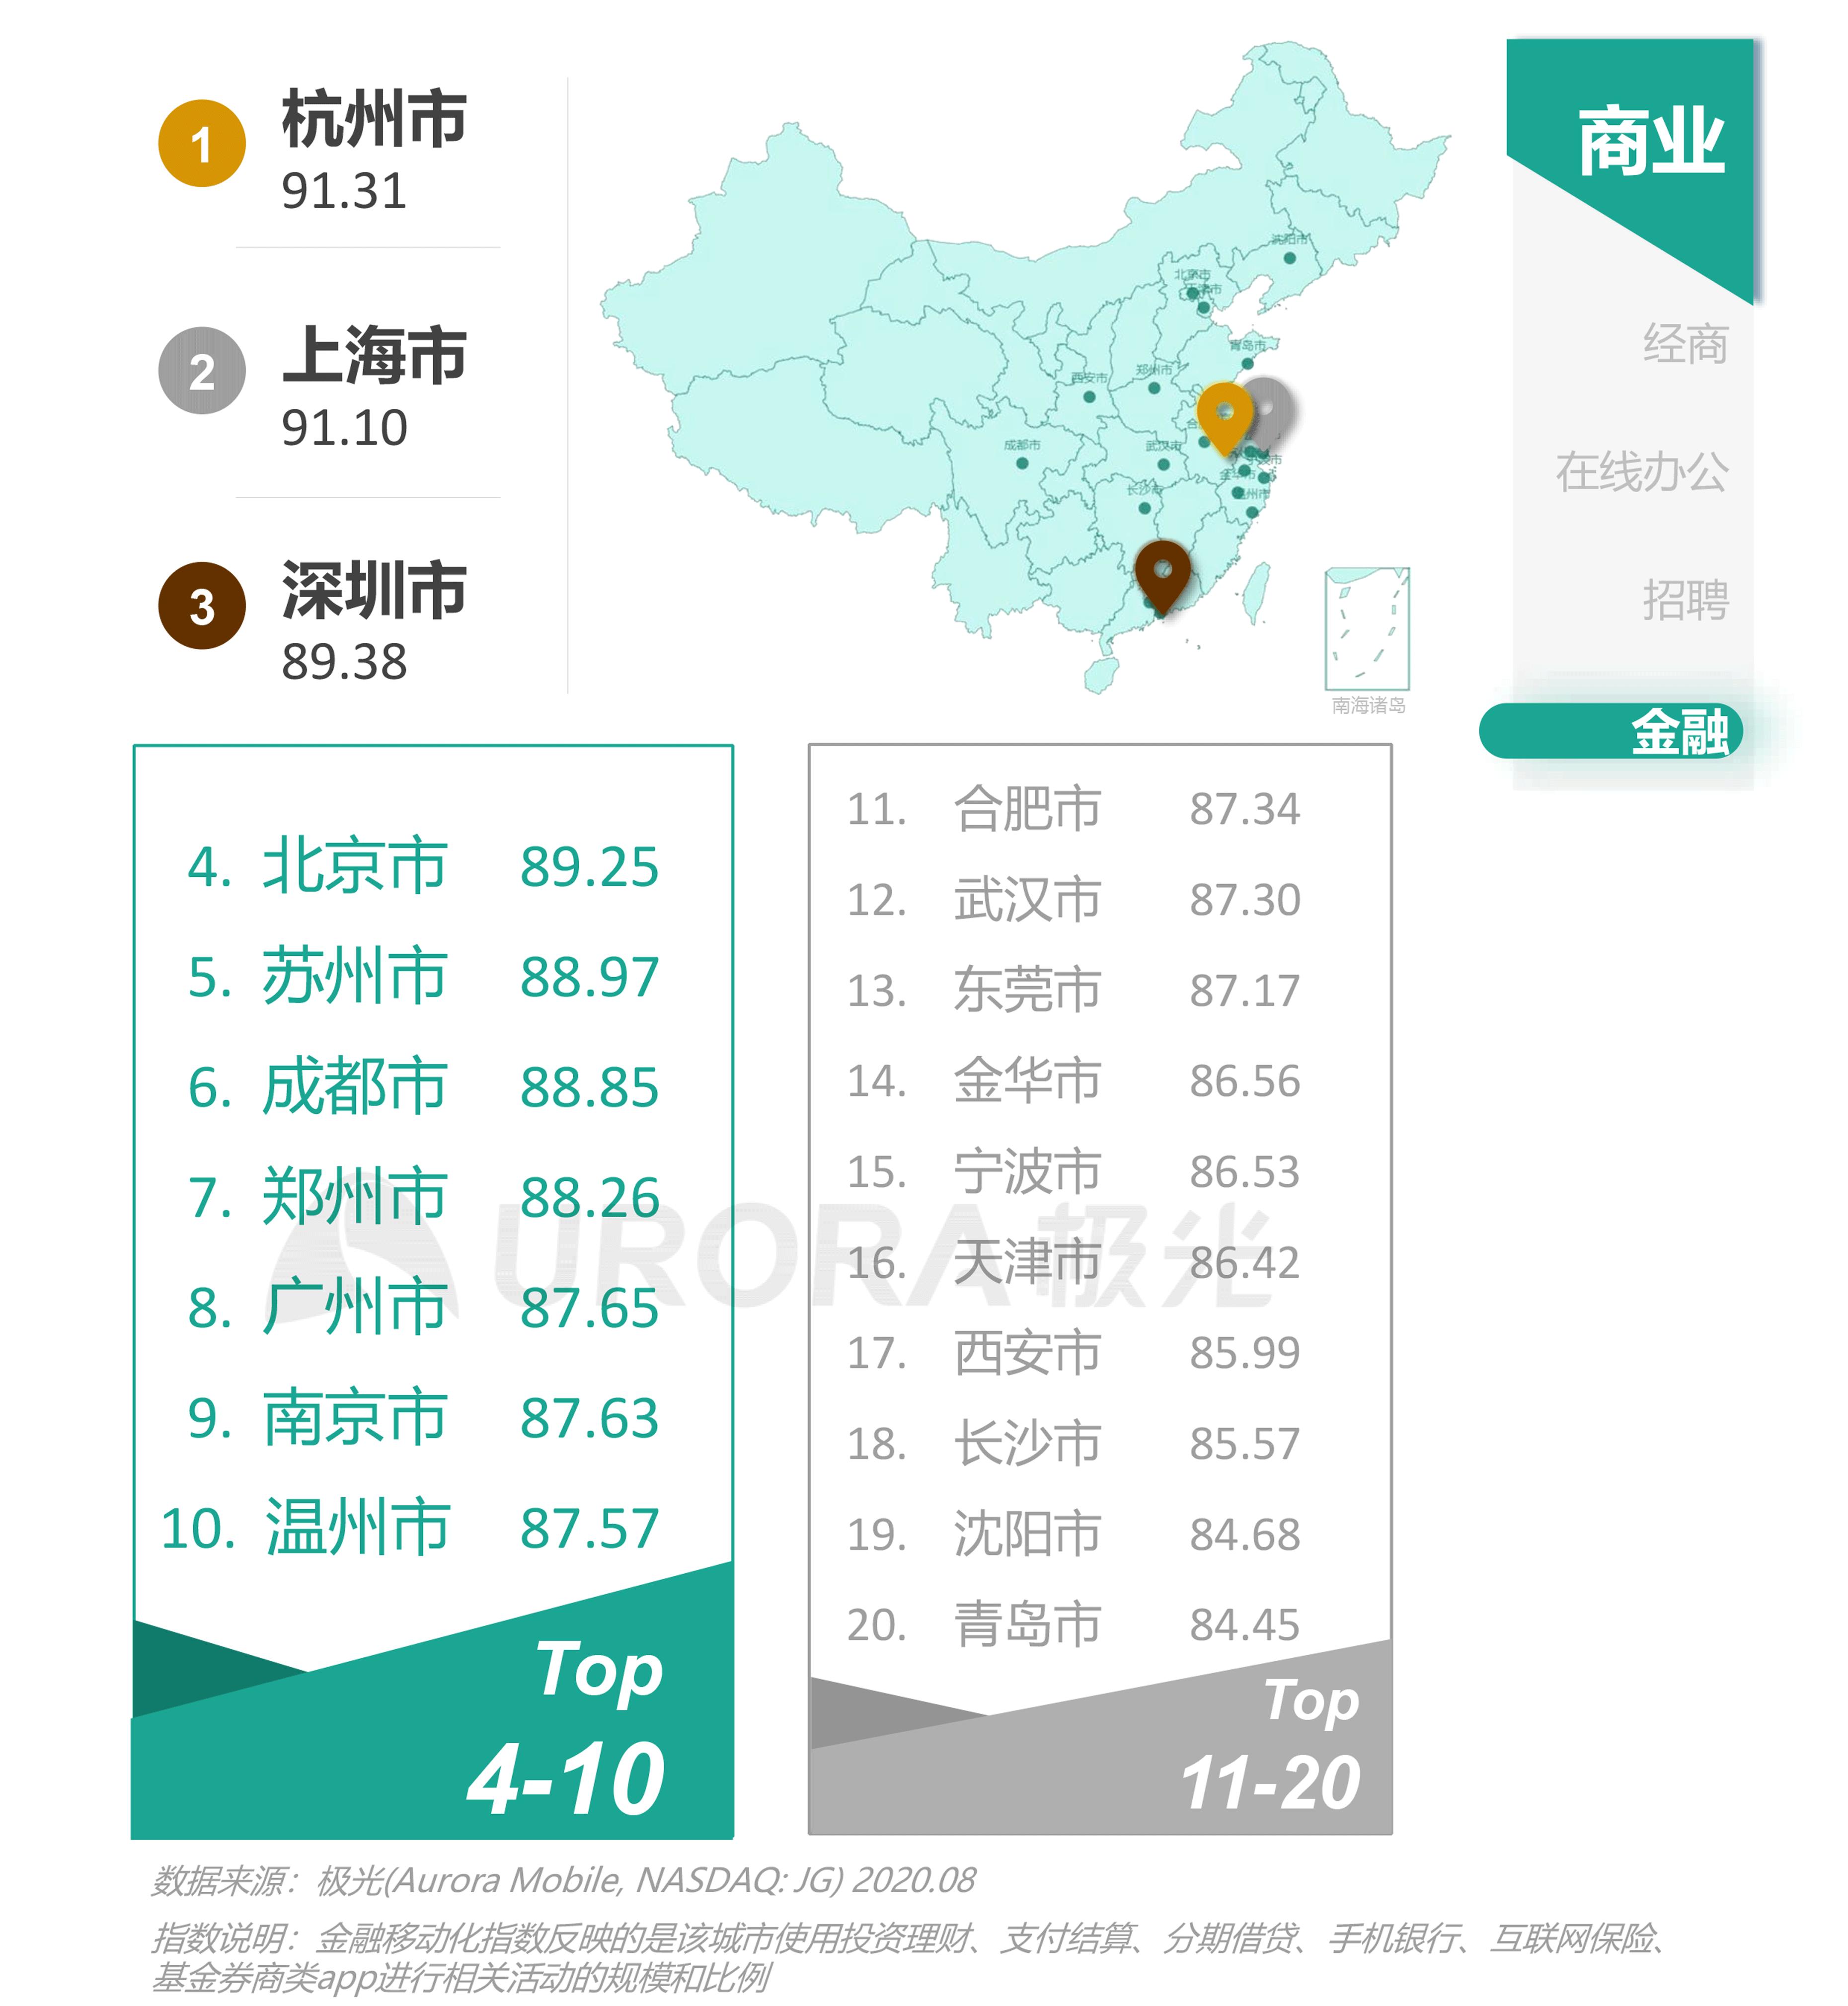 极光:互联网城市榜单 (37).png